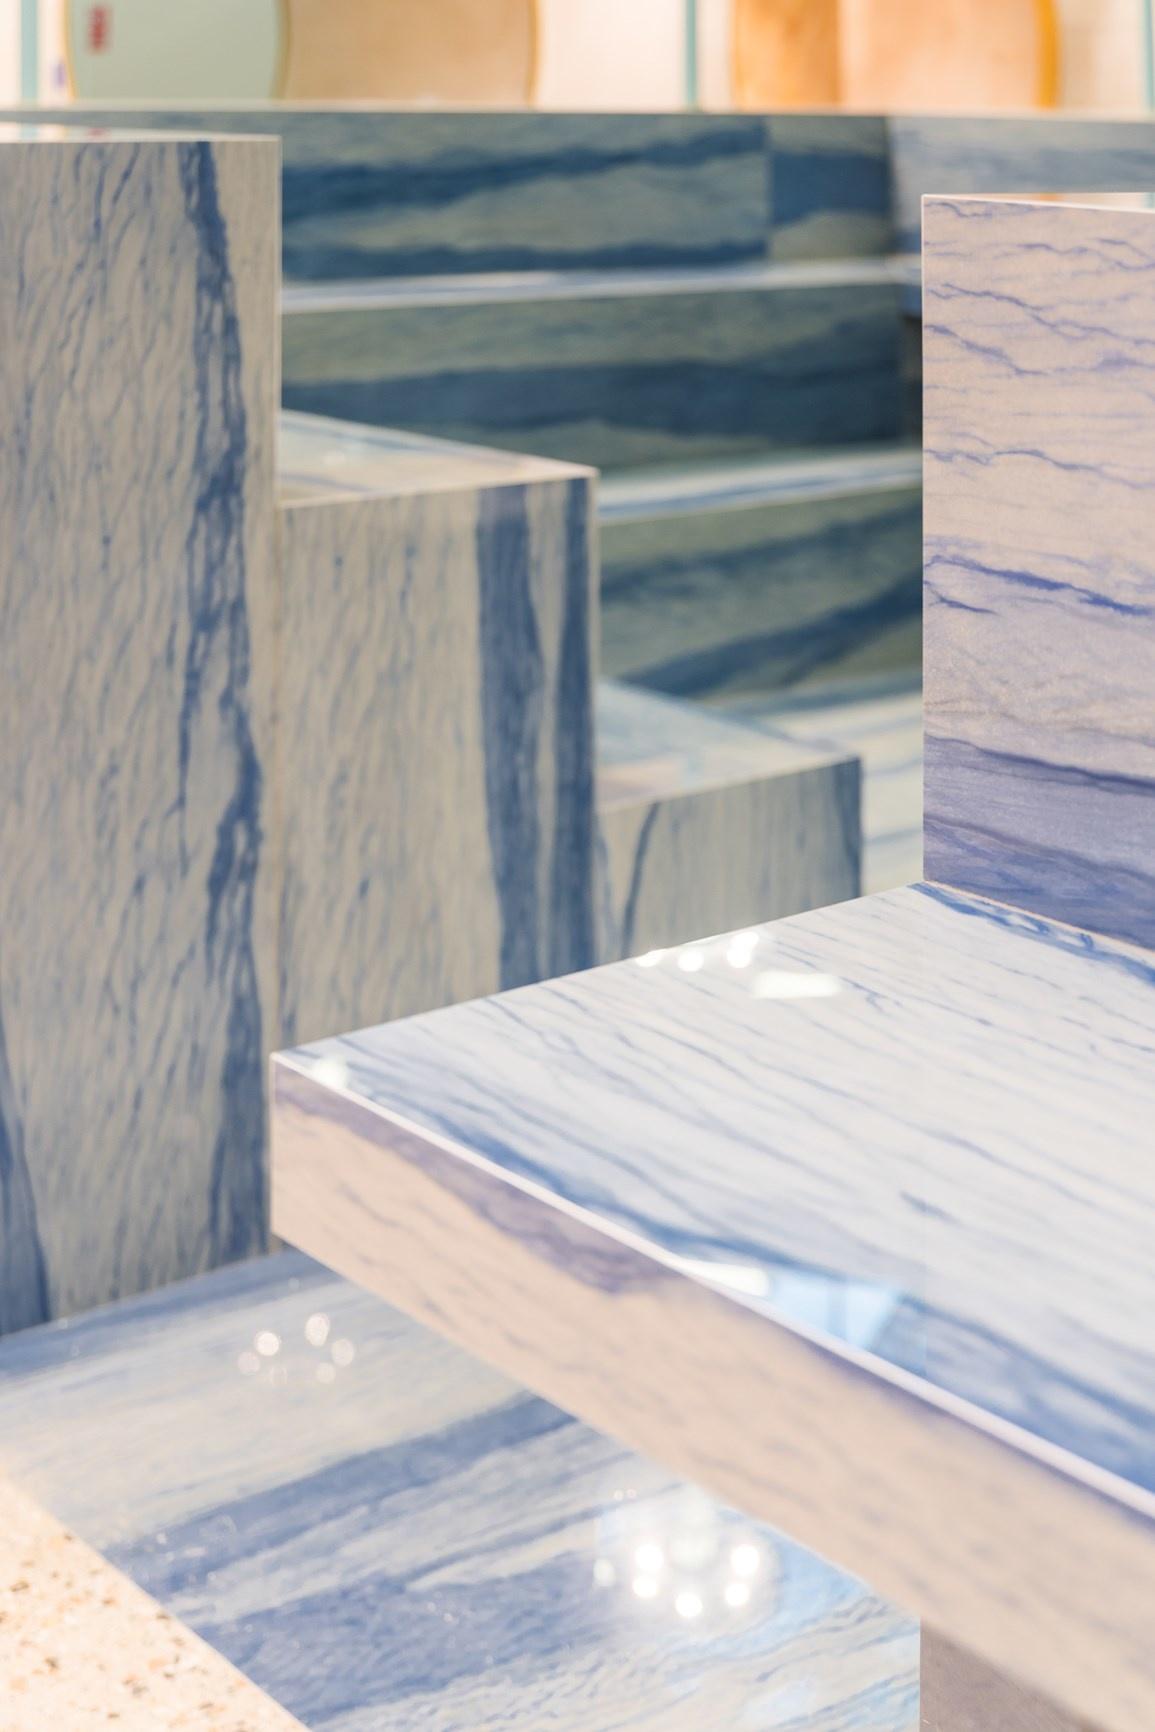 15 новинок выставки Cersaie, которые выглядят как произведения искусства (галерея 6, фото 1)